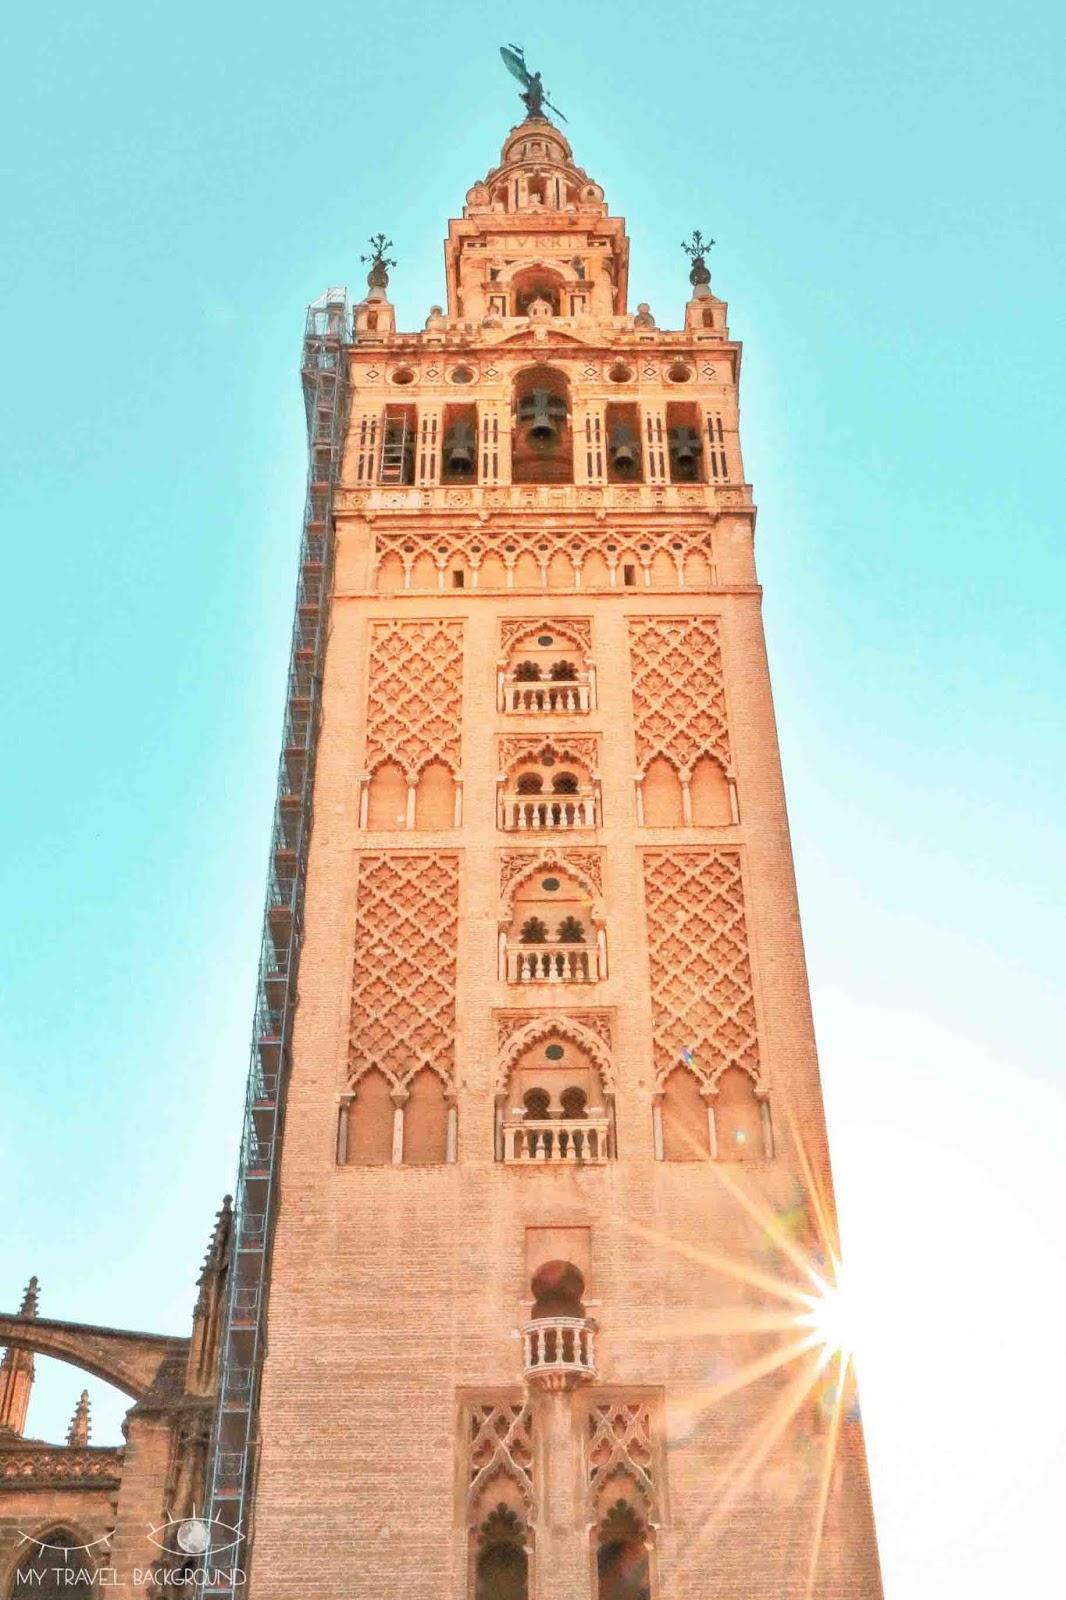 My Travel Background : mon road trip de 10 jours en Andalousie, Espagne : itinéraire et infos pratiques - Seville